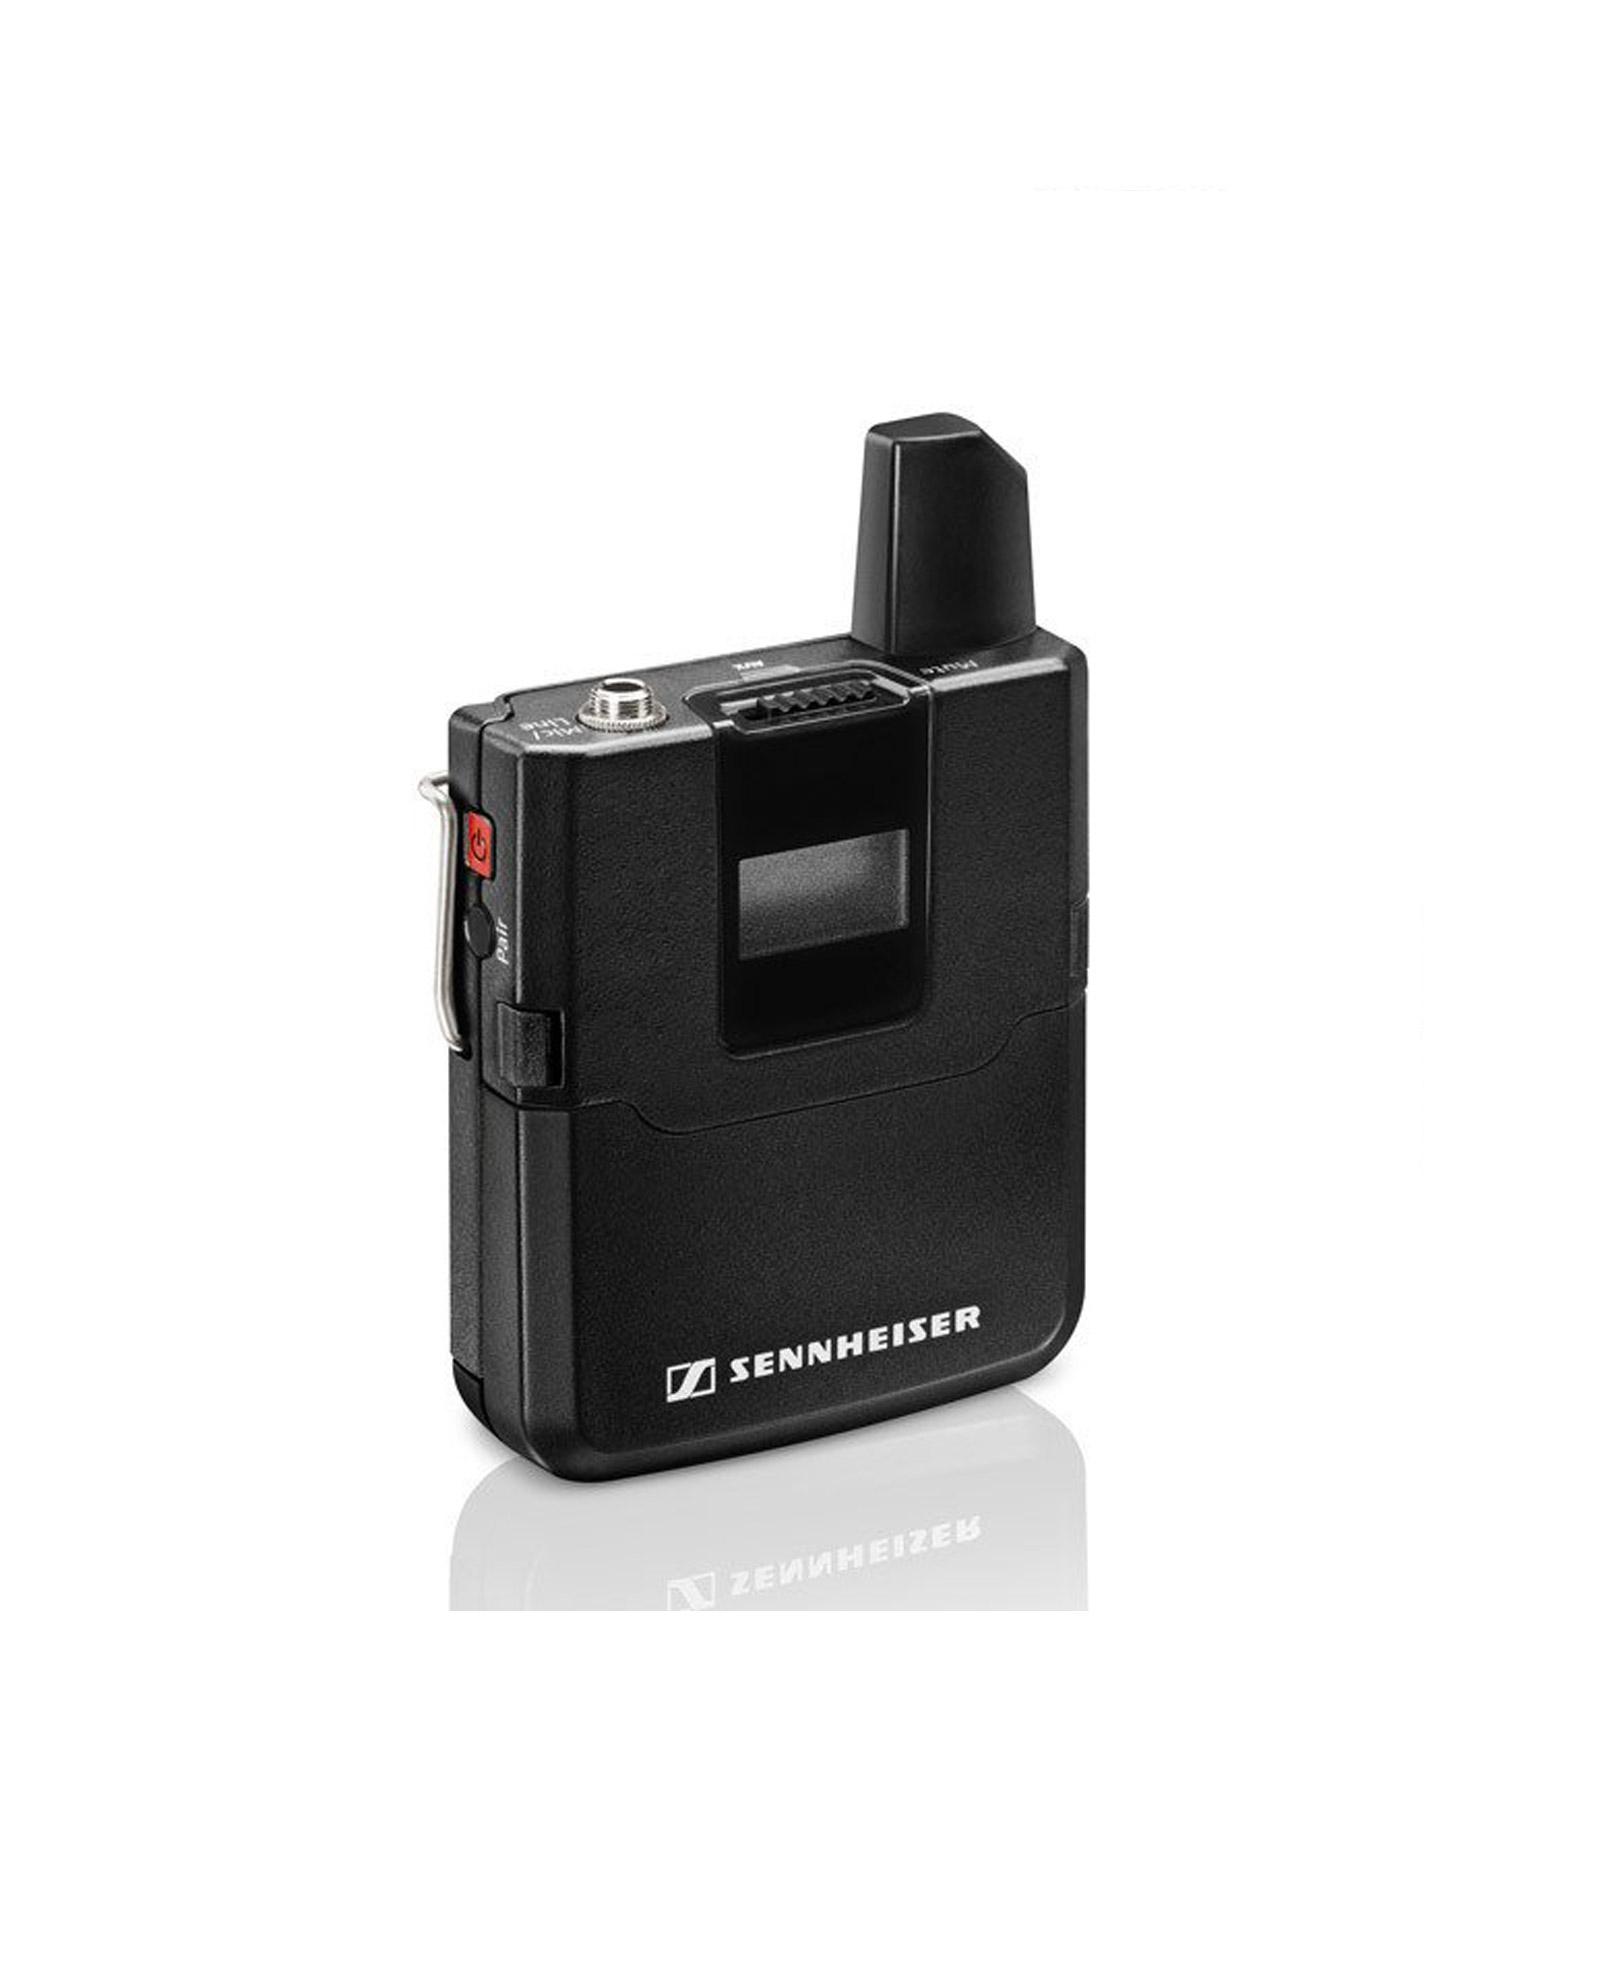 Sennheiser Sk Avx Wireless Digital bodypack Transmitter